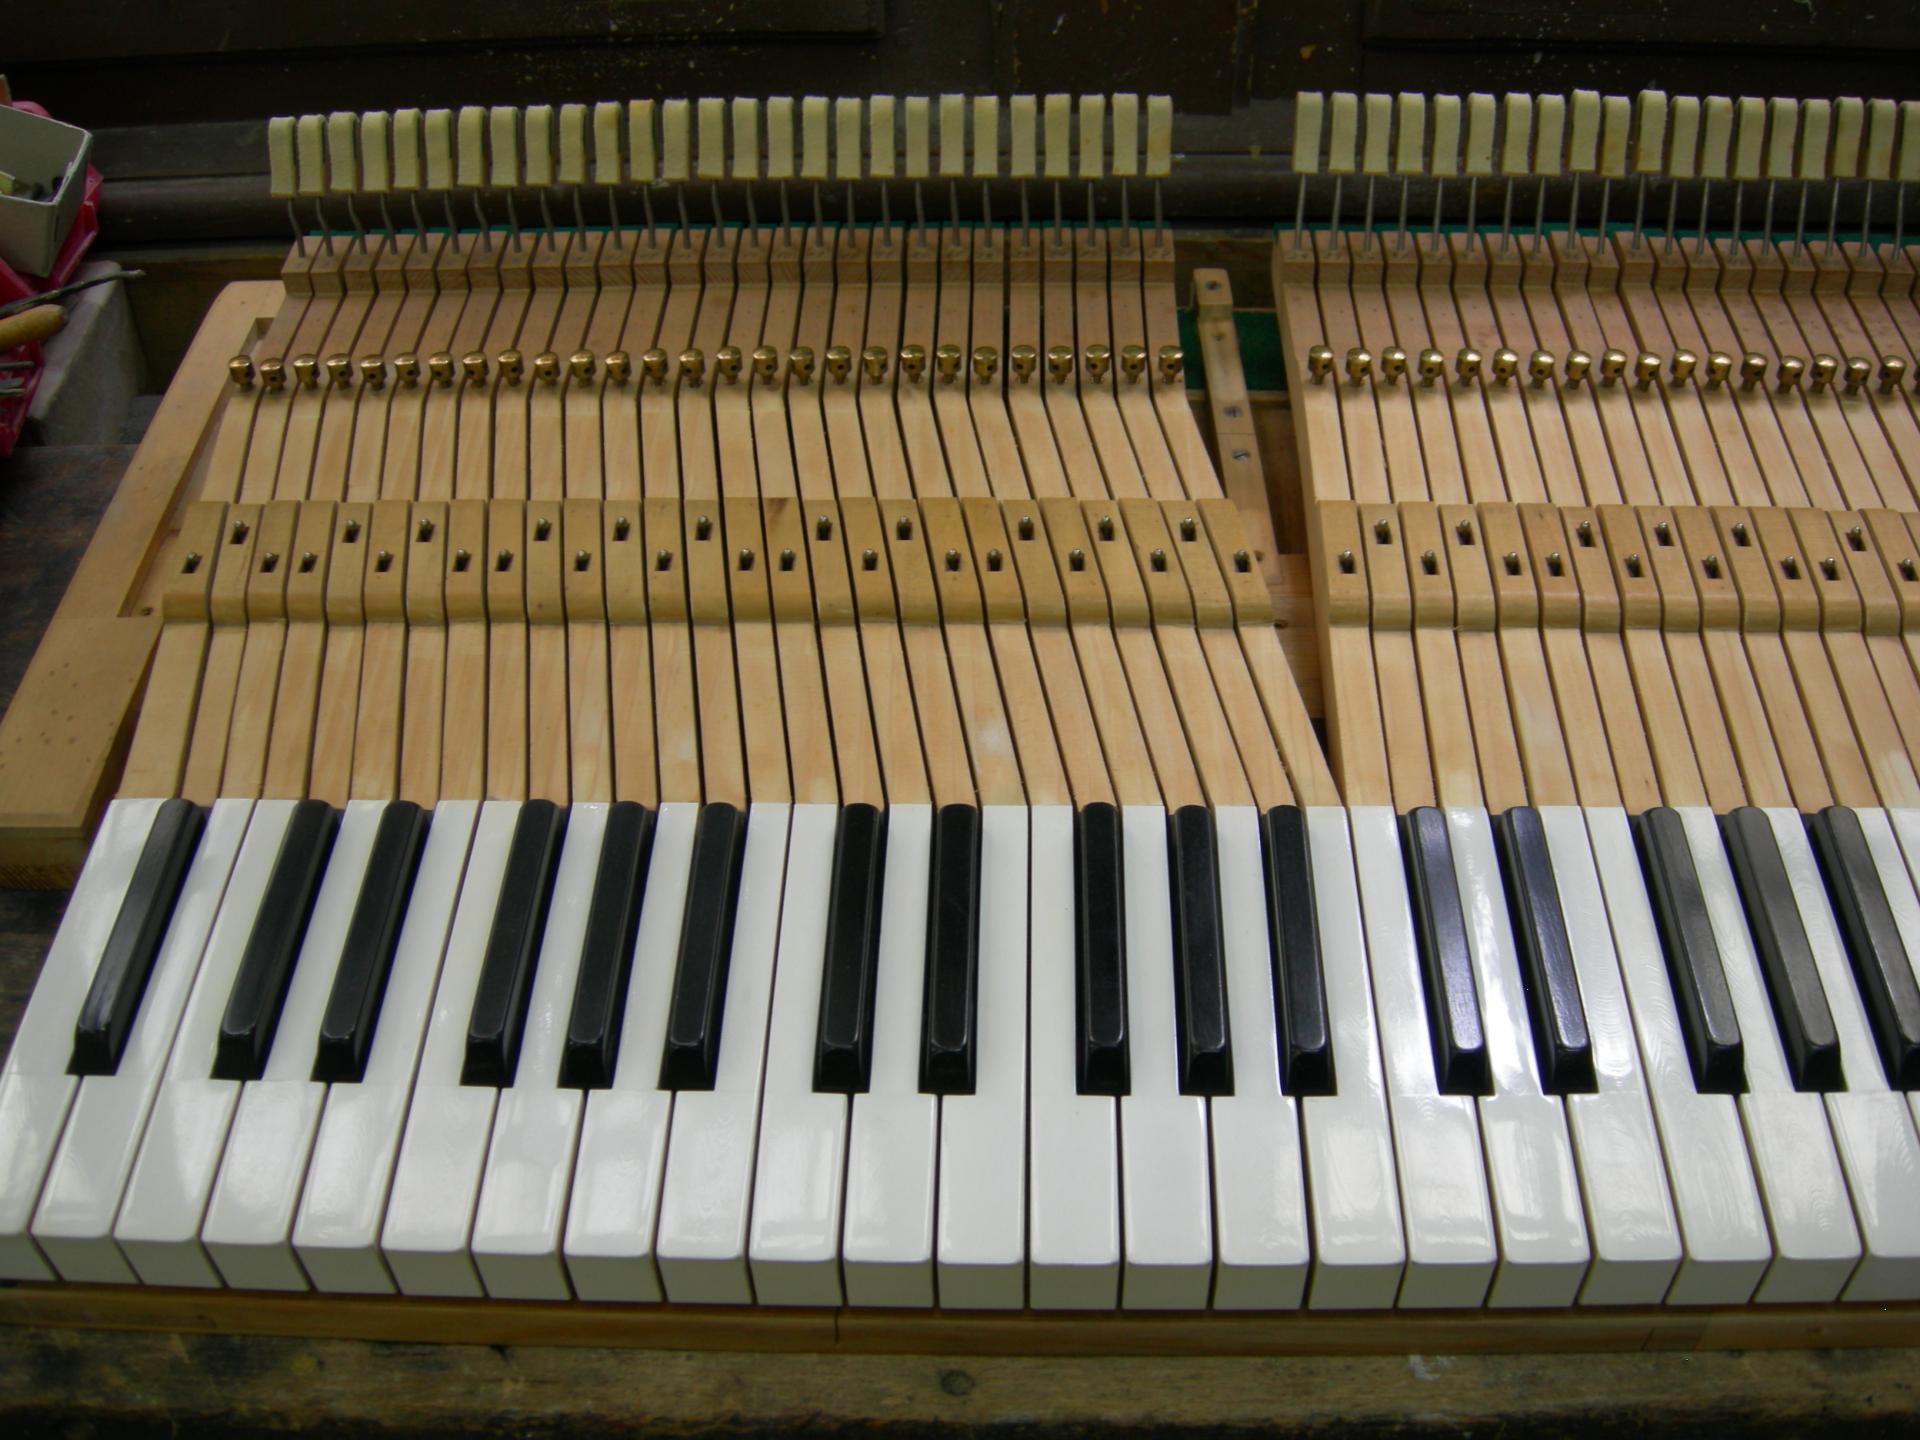 Bosendorfer clavier gauche